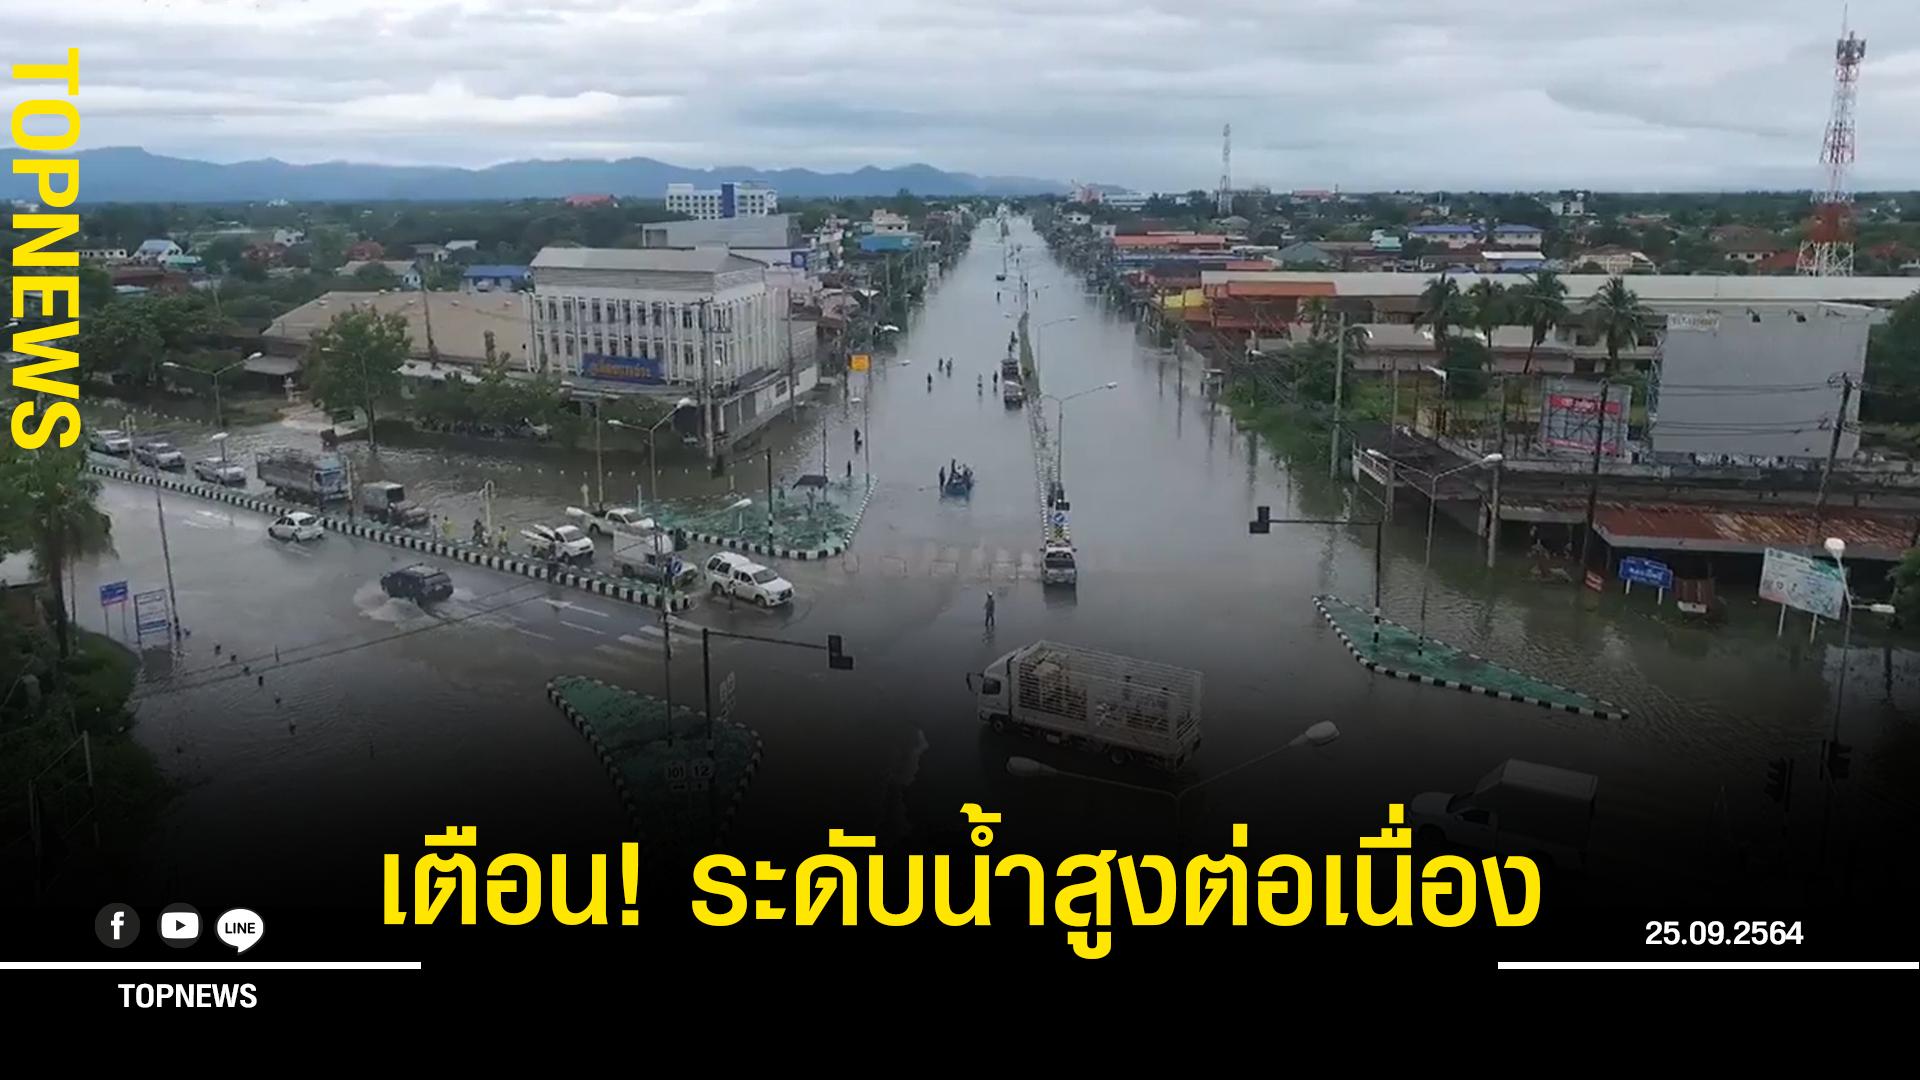 เมืองสุโขทัย อ่วม น้ำท่วมขยายวงกว้าง การเดินทางหยุดชะงัก จนท.เตือนระดับน้ำสูงต่อเนื่อง